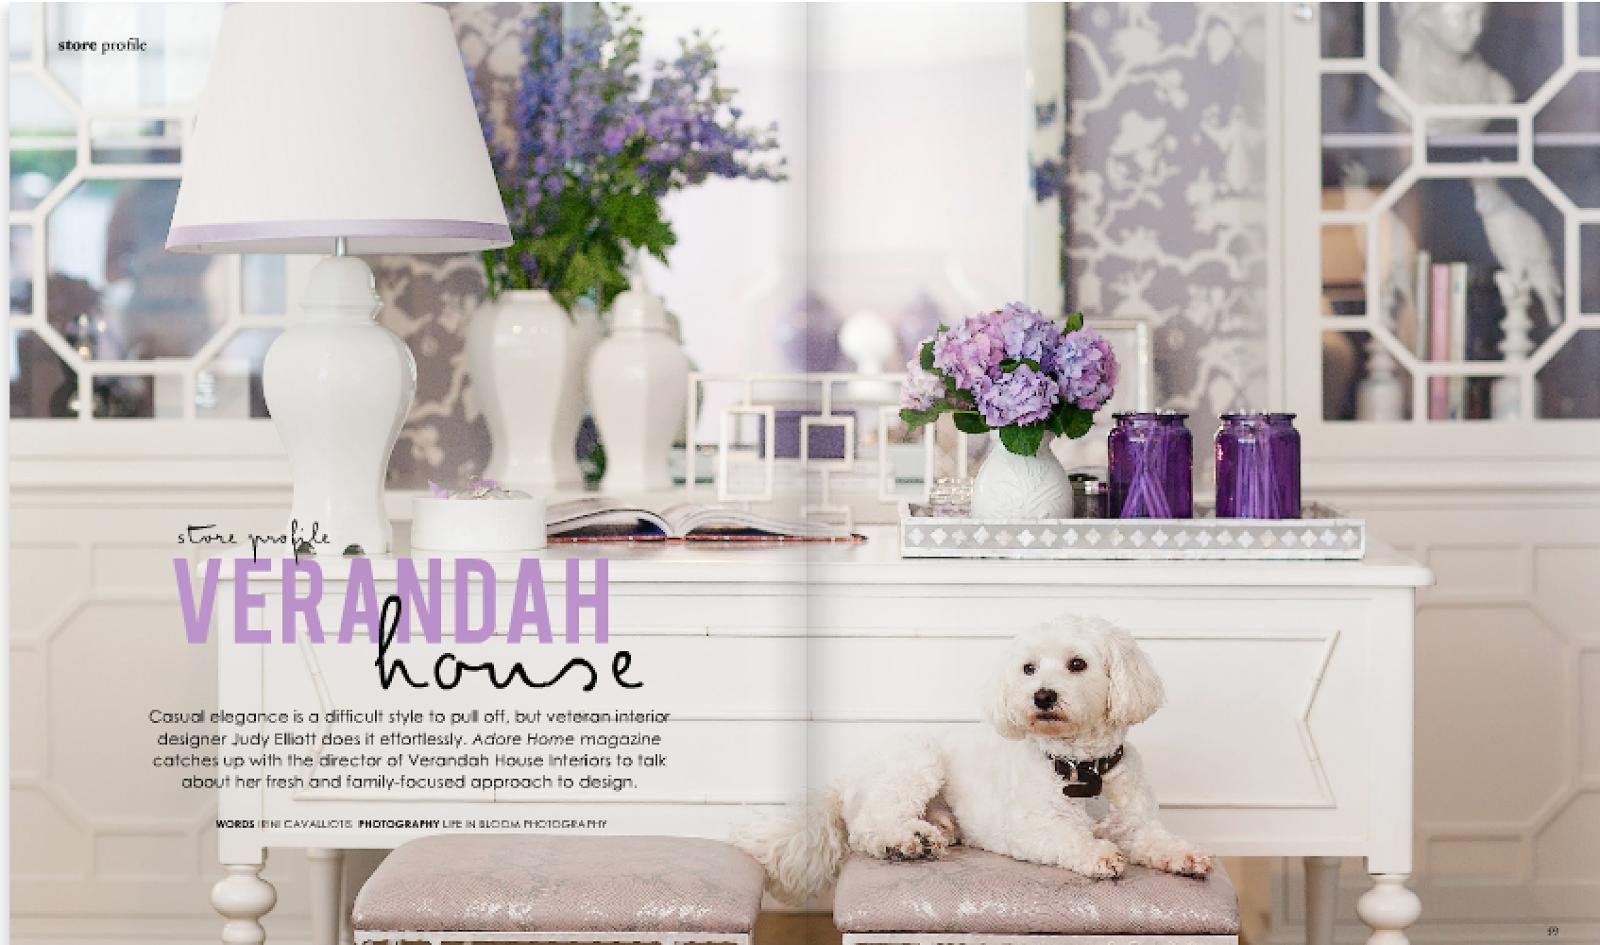 Verandah House: Adore Home Magazine